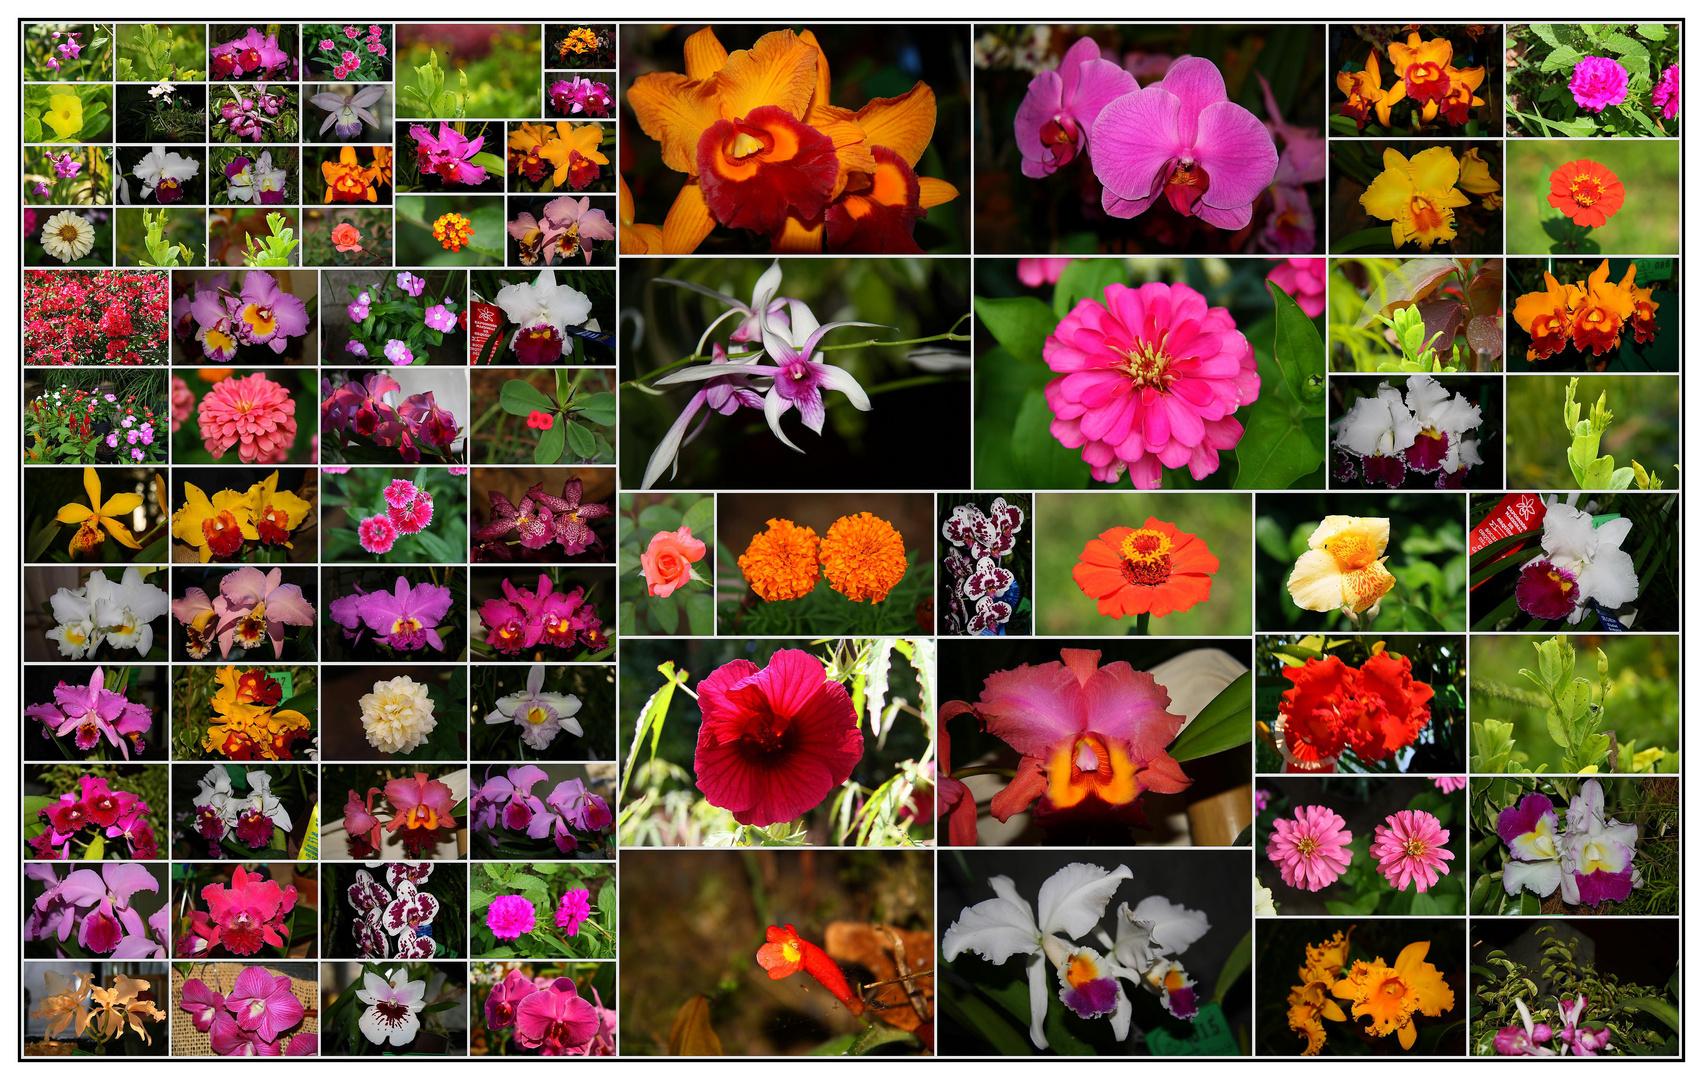 algunas flores de venezuela imagen foto plantas